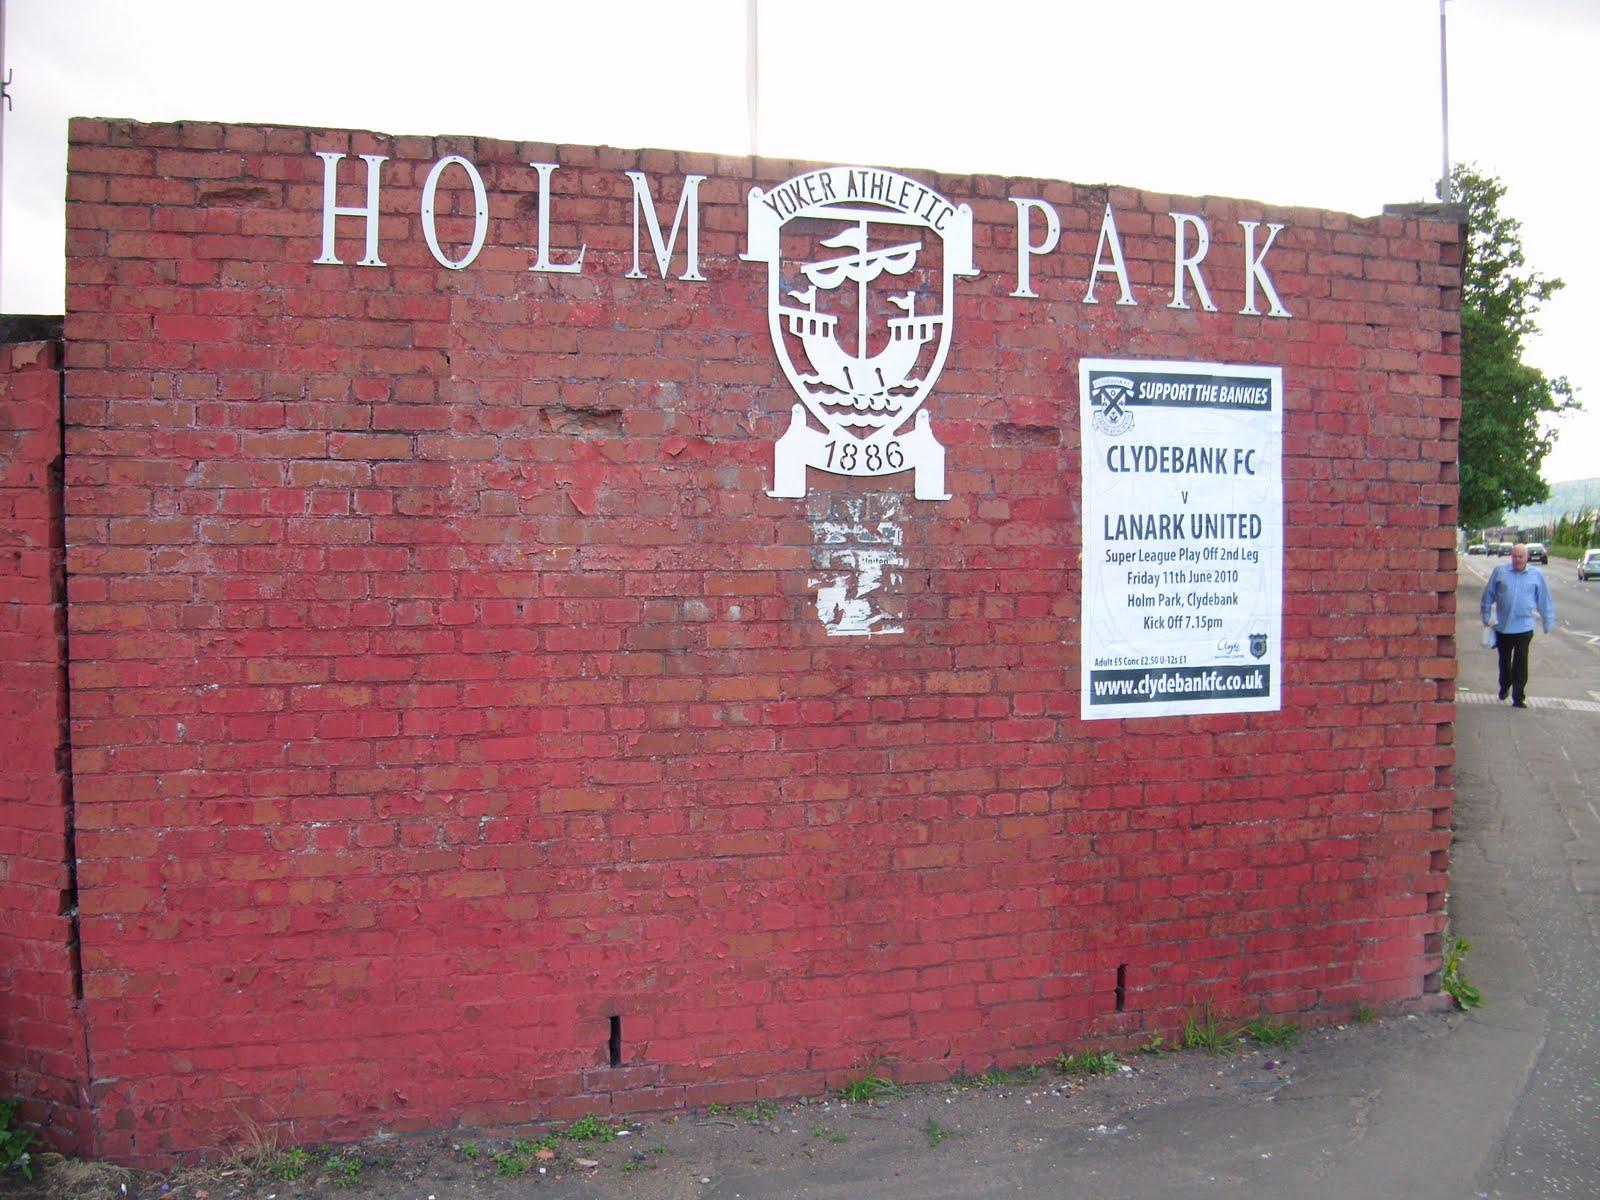 Holm Park Clydebank V Lanark United